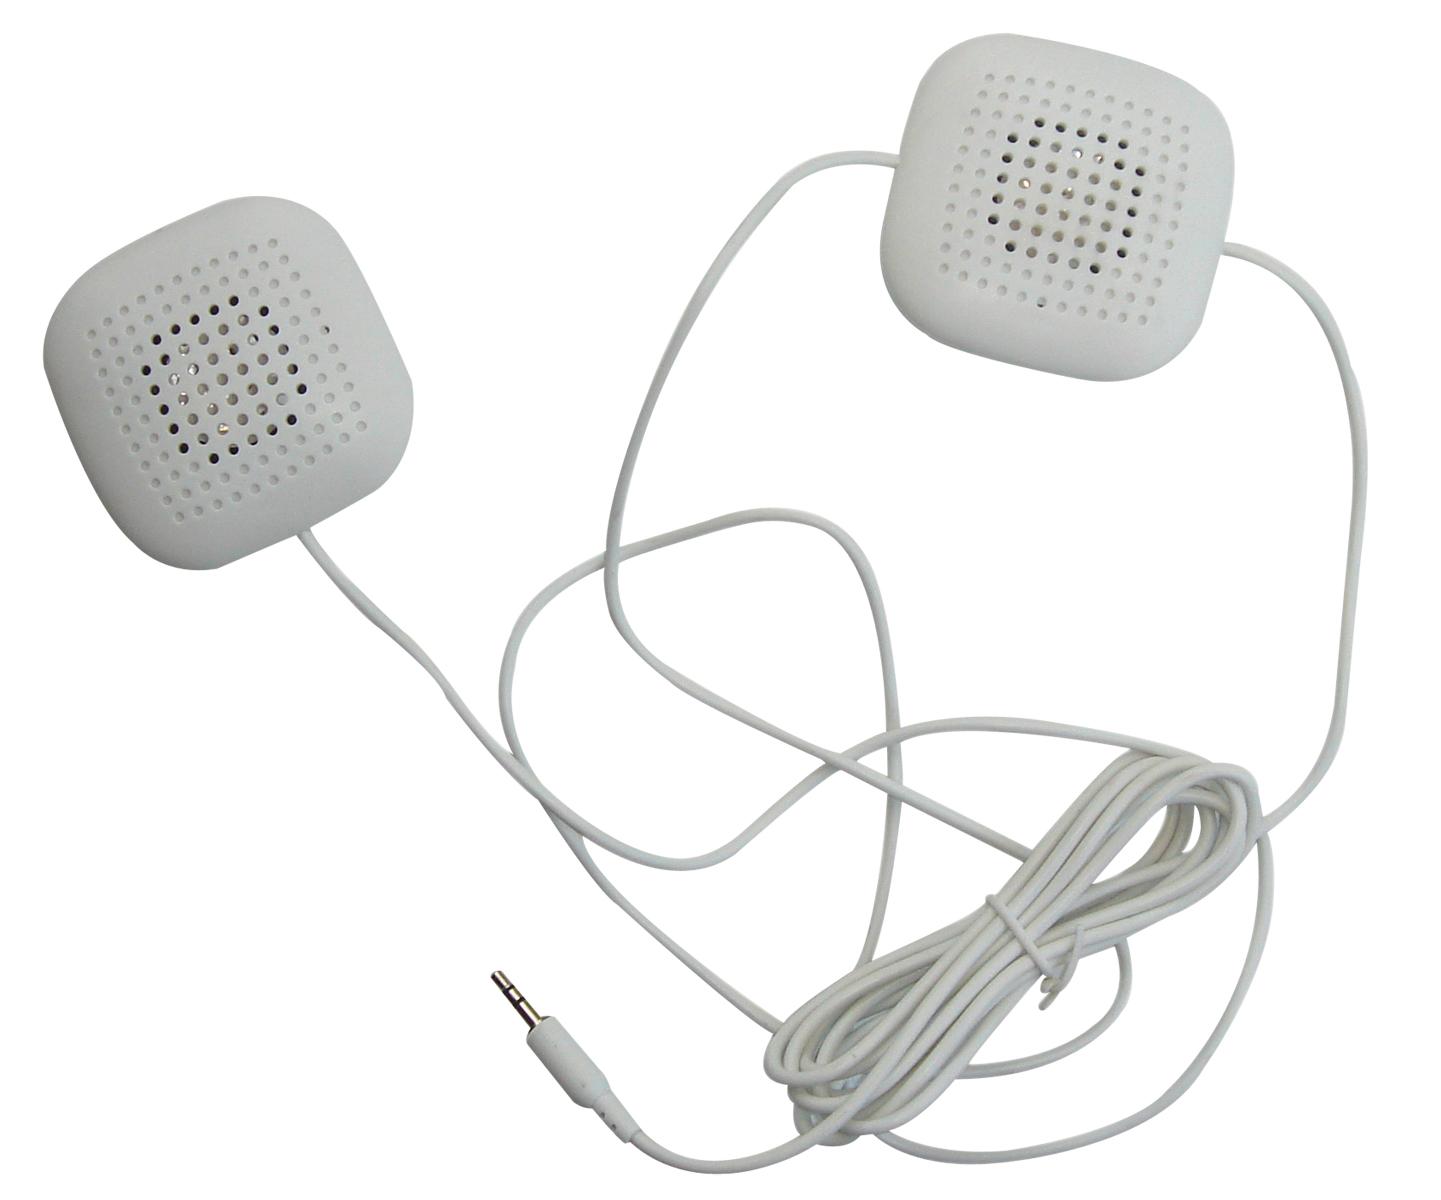 Les haut-parleurs pour oreiller Marpac vous permettent d'écouter le son produit par votre Marsona 1288A pendant votre sommeil.